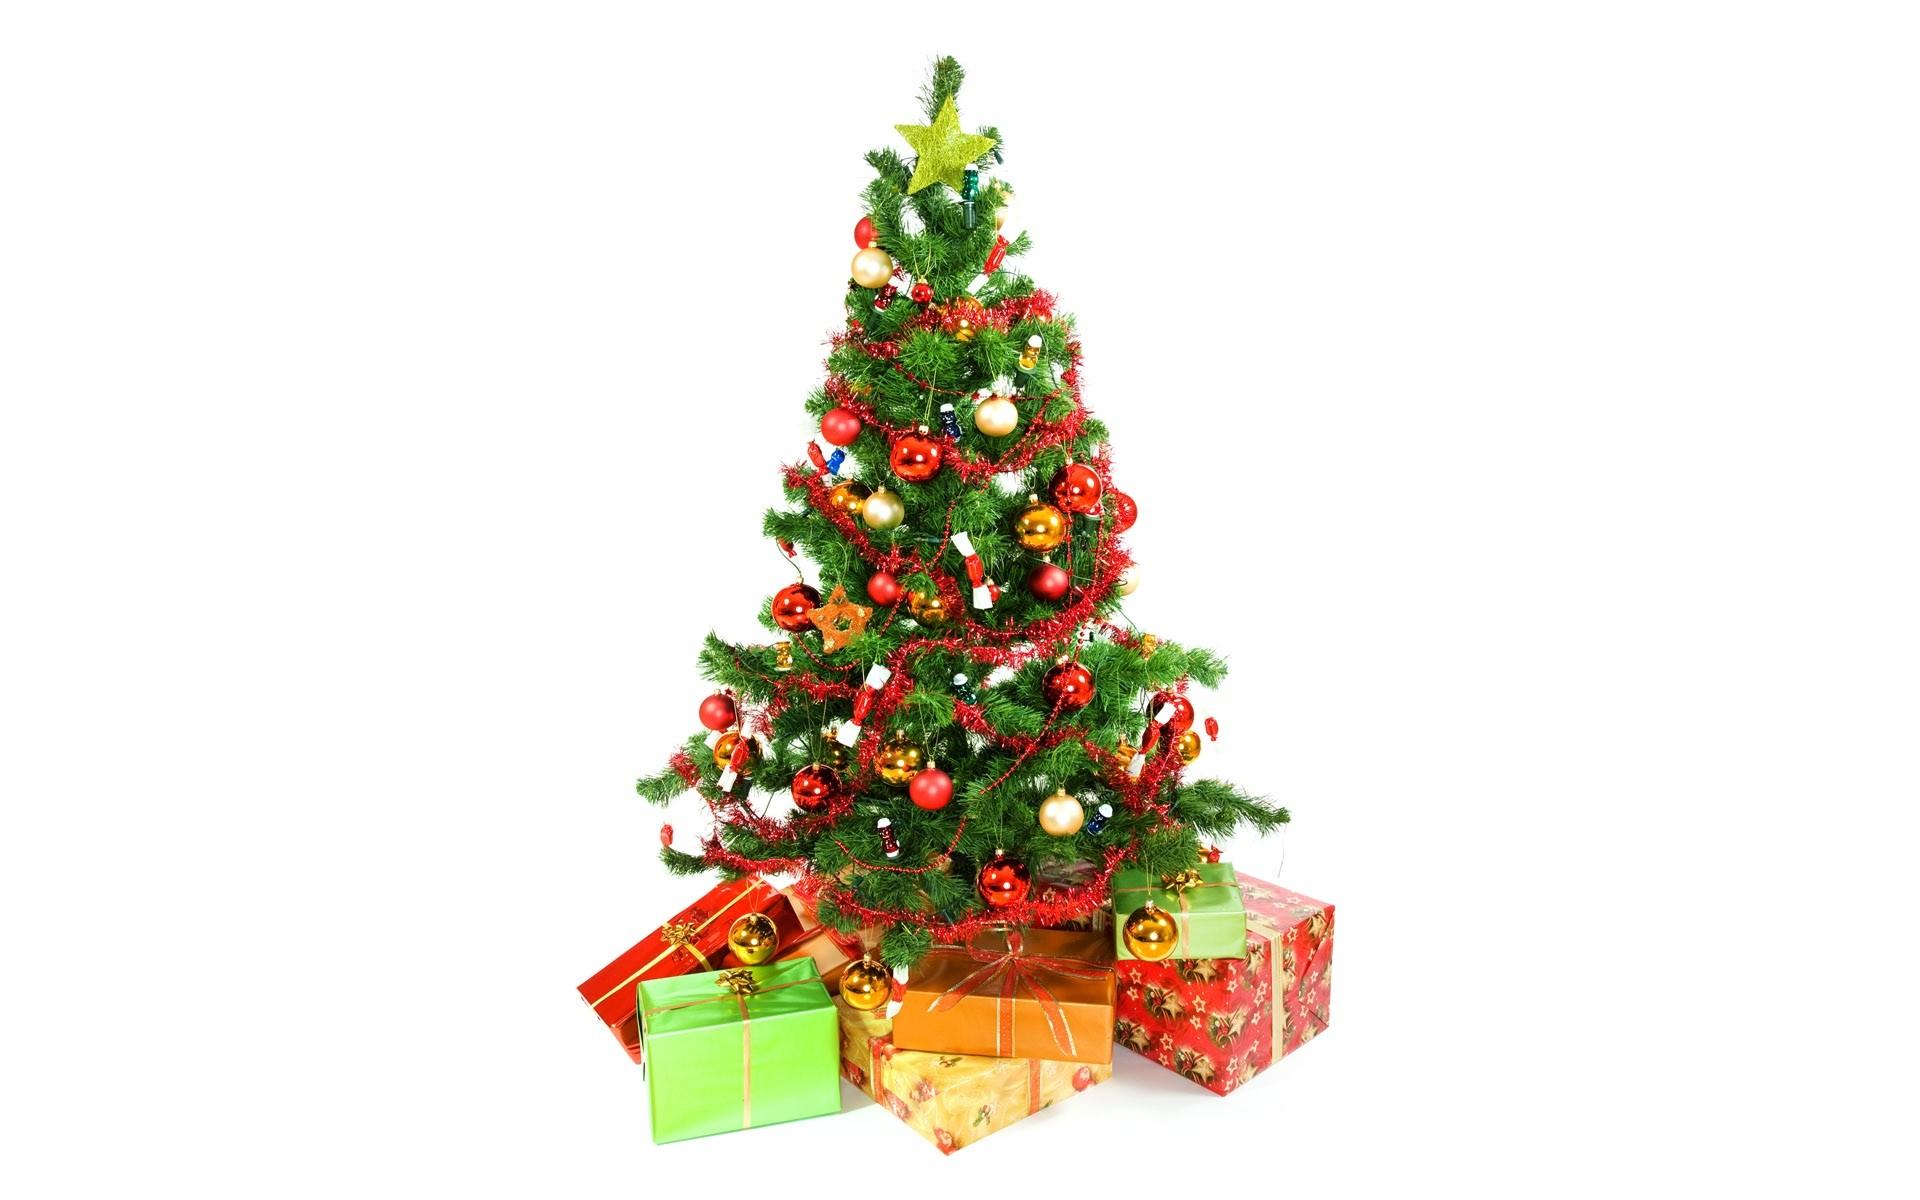 Fondos de pantallas hd navidad 2013 taringa - Imagenes arbol de navidad ...